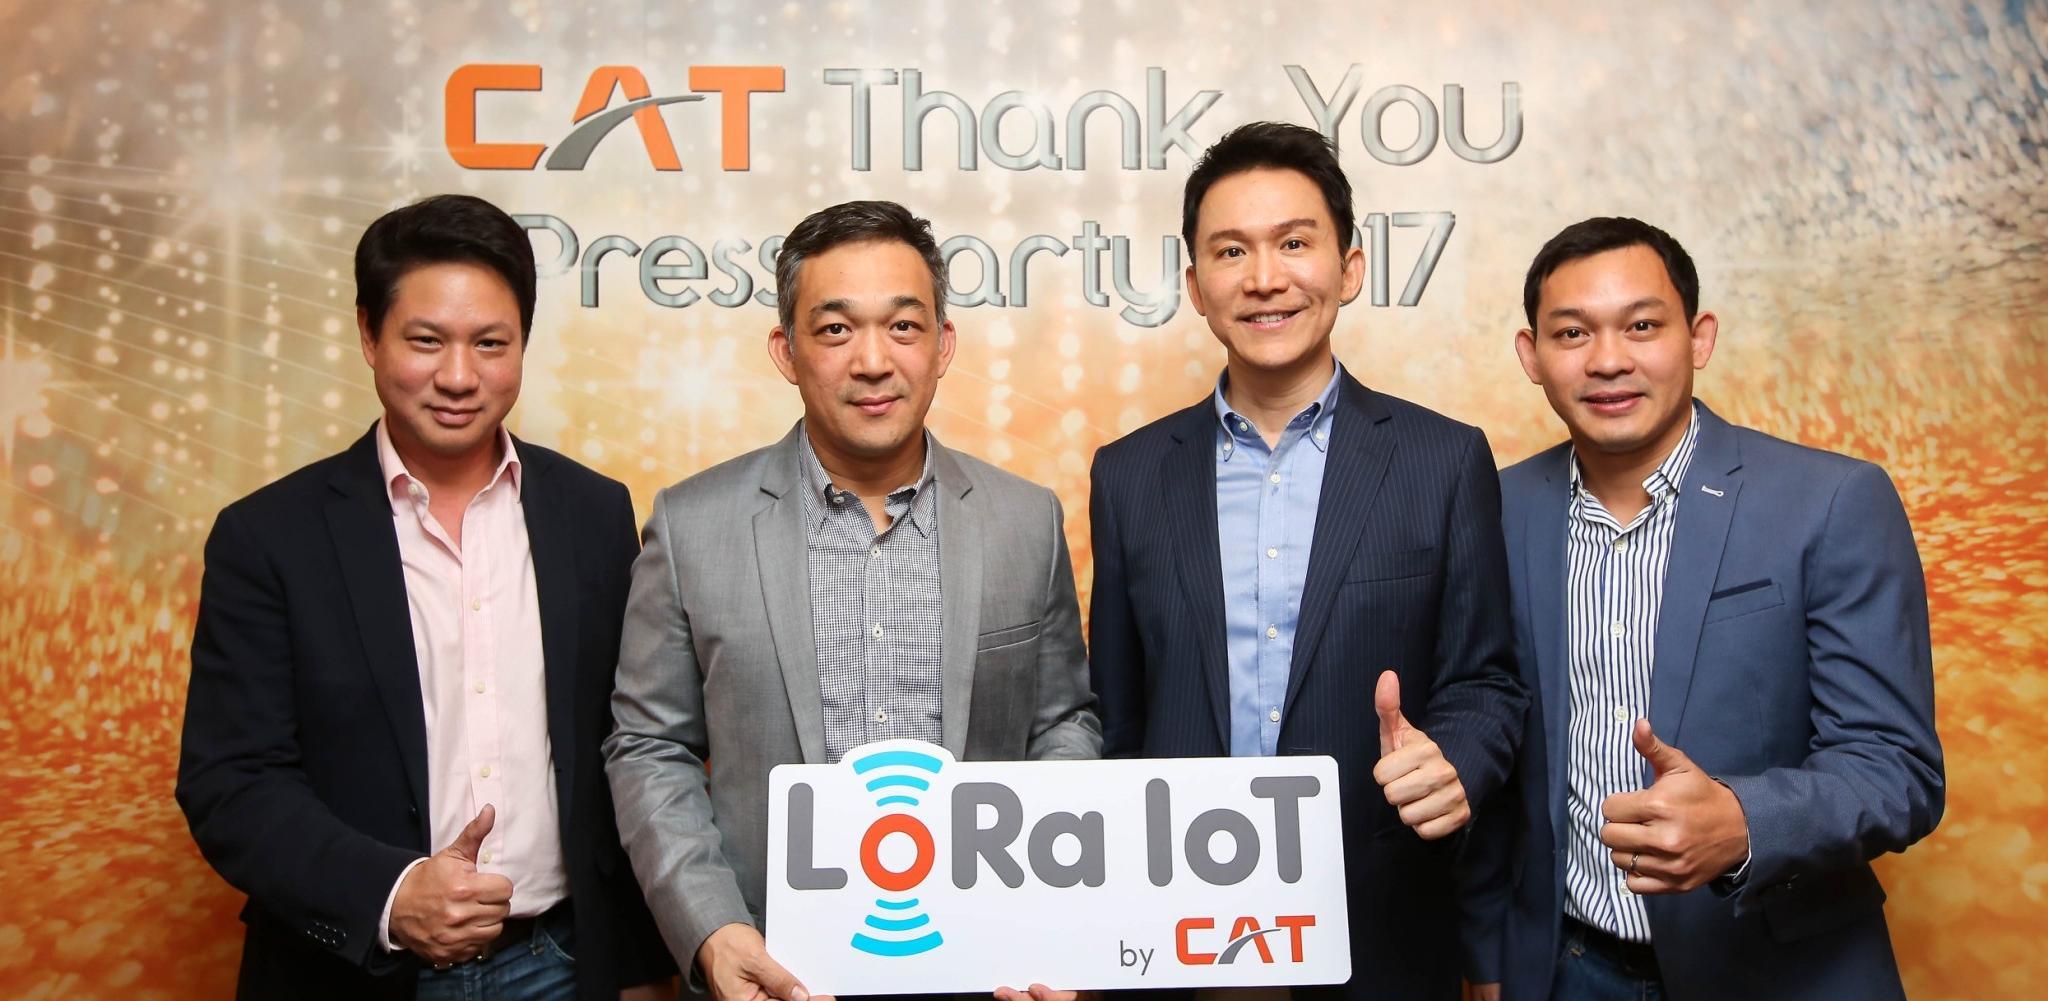 CAT แถลงแผนธุรกิจปี 2561 ลุยปั้นธุรกิจNew S-Curveตอบโจทย์รัฐบาลขับเคลื่อนไทยแลนด์ 4.0